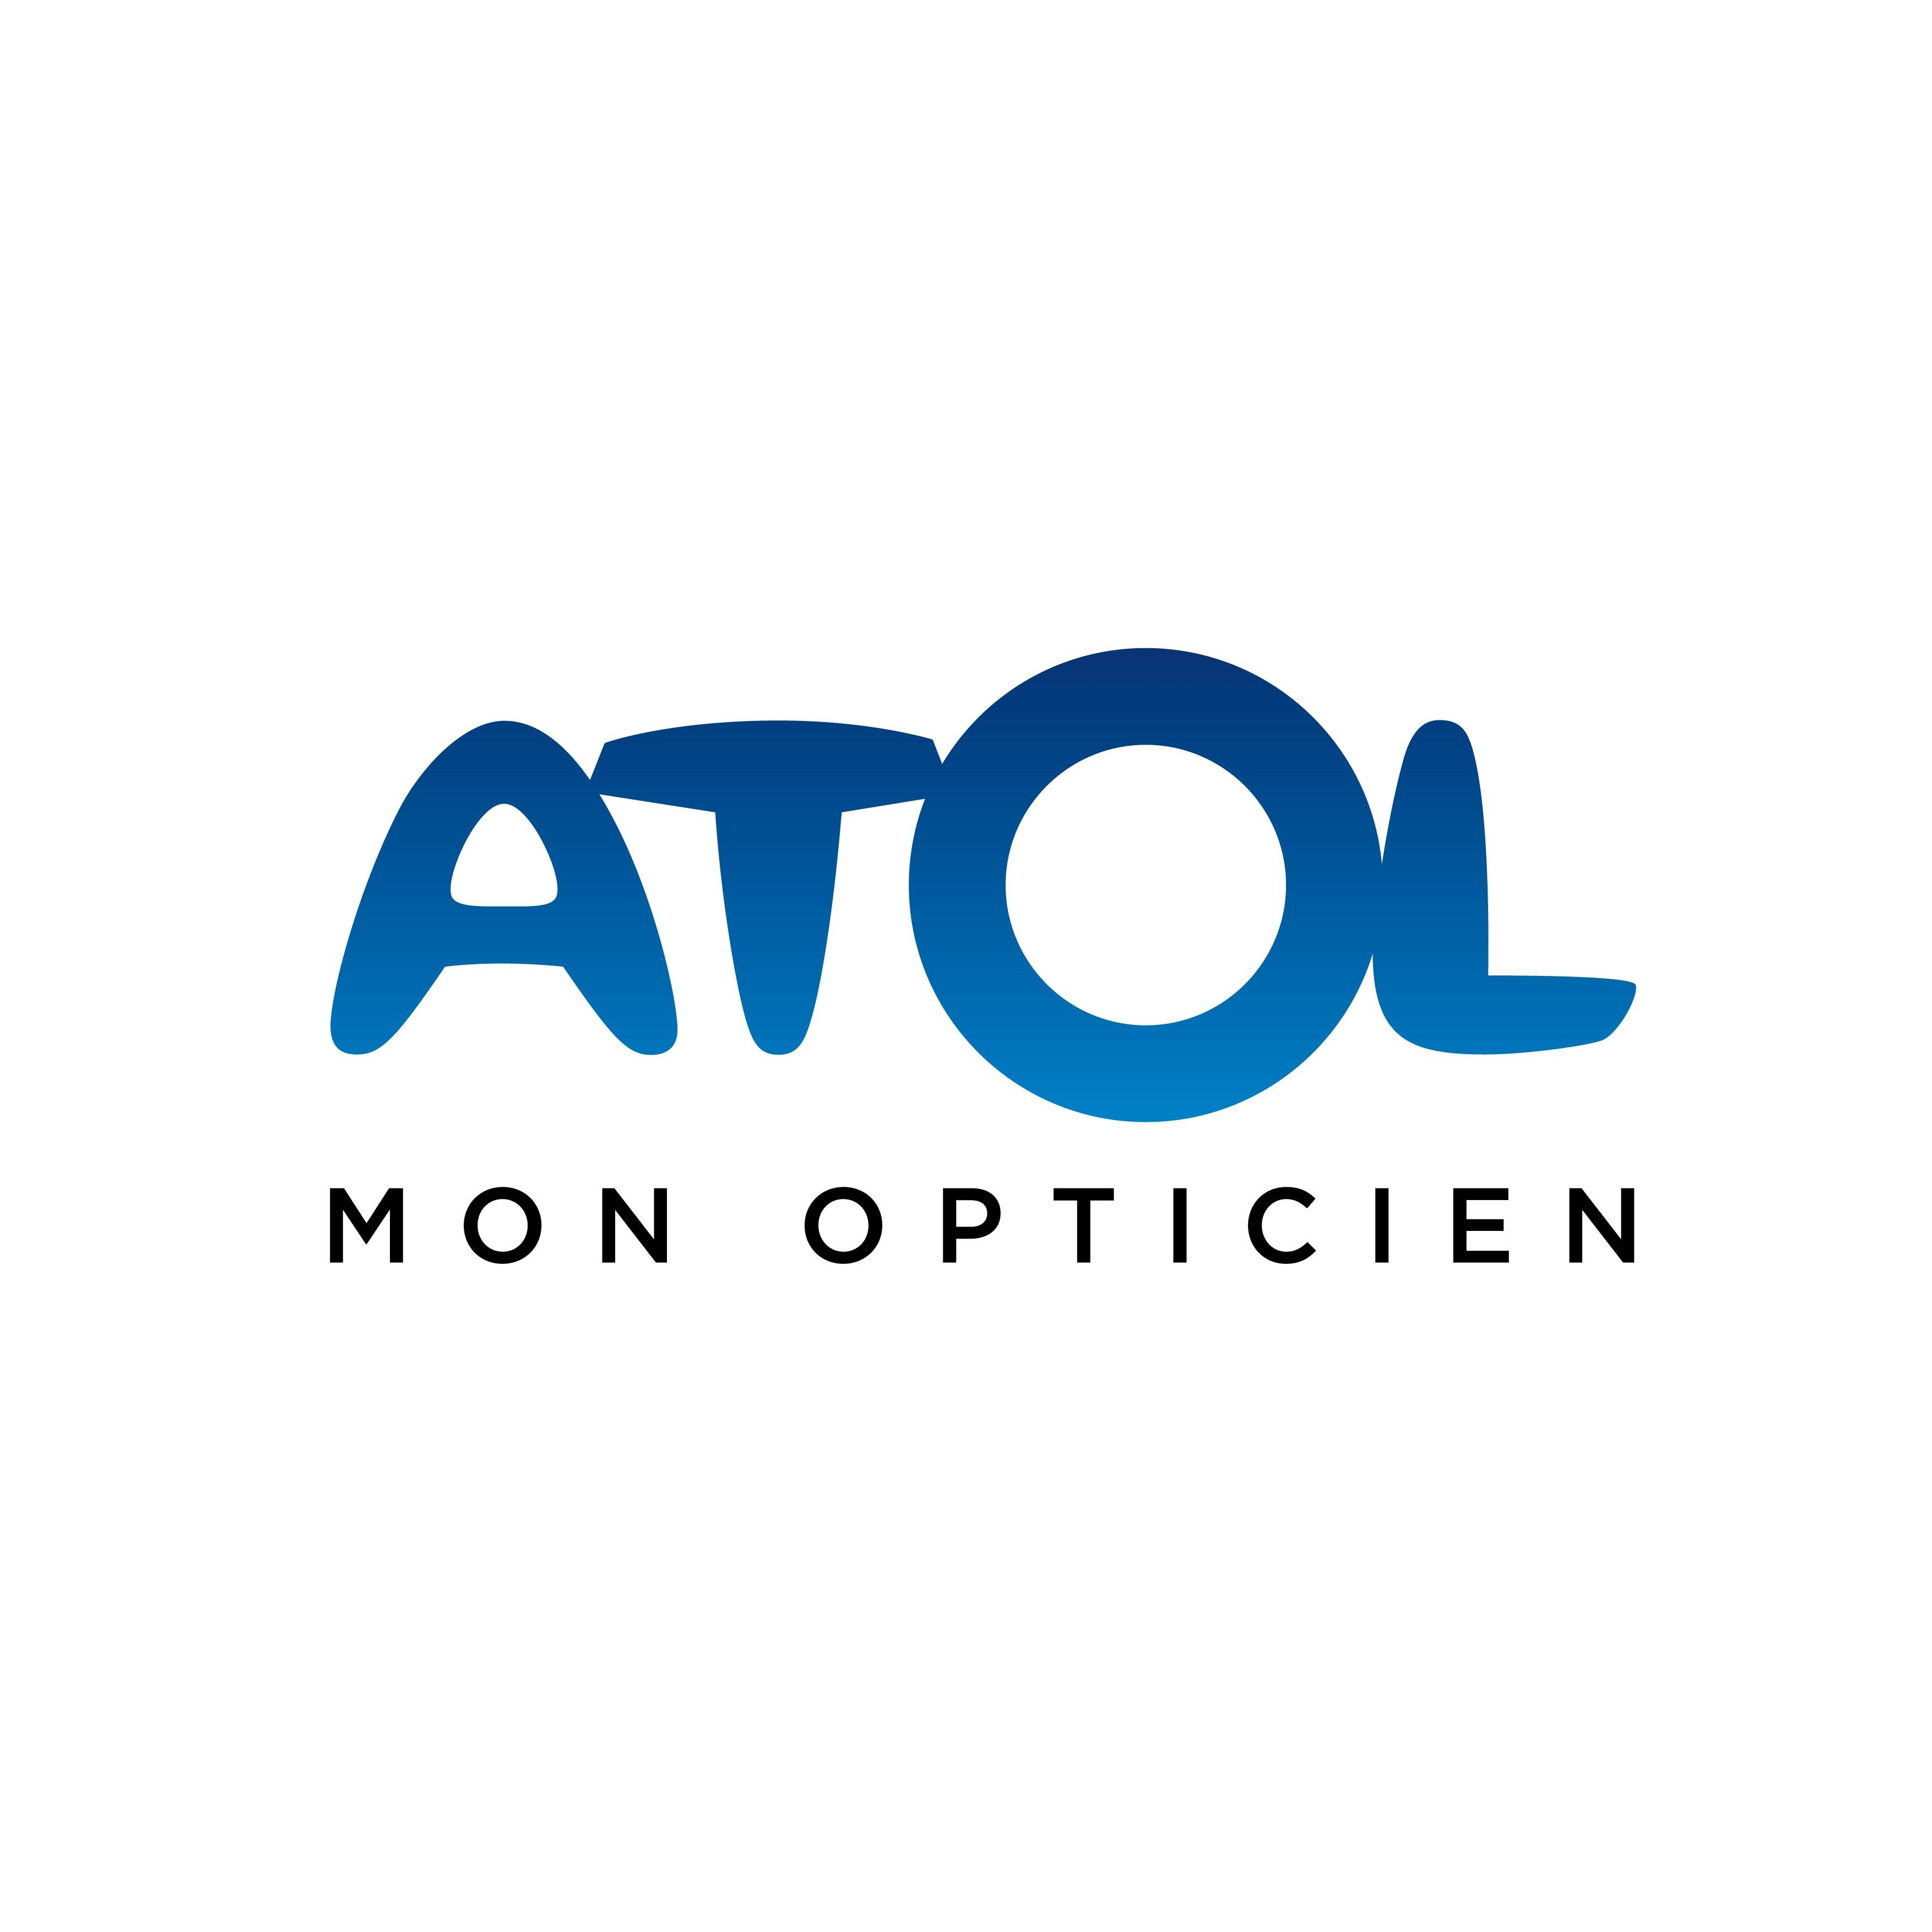 Atol Mon Opticien Cesson